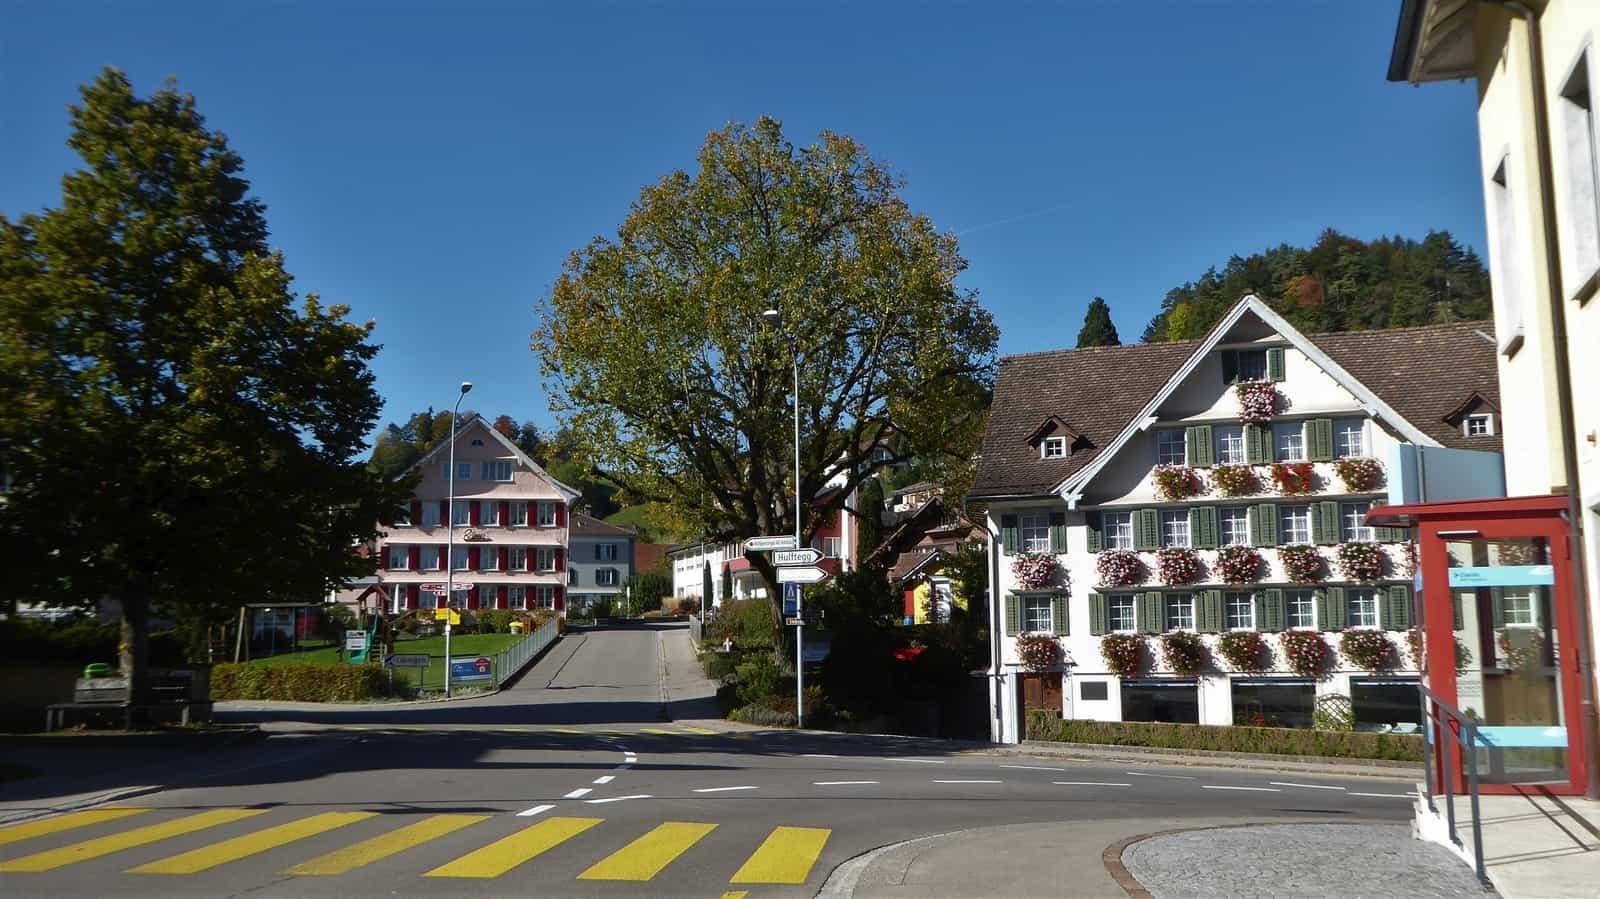 Lindenplatz Mosnang mit Lindenbau mit Laden «Schererei» im Hintergrund.